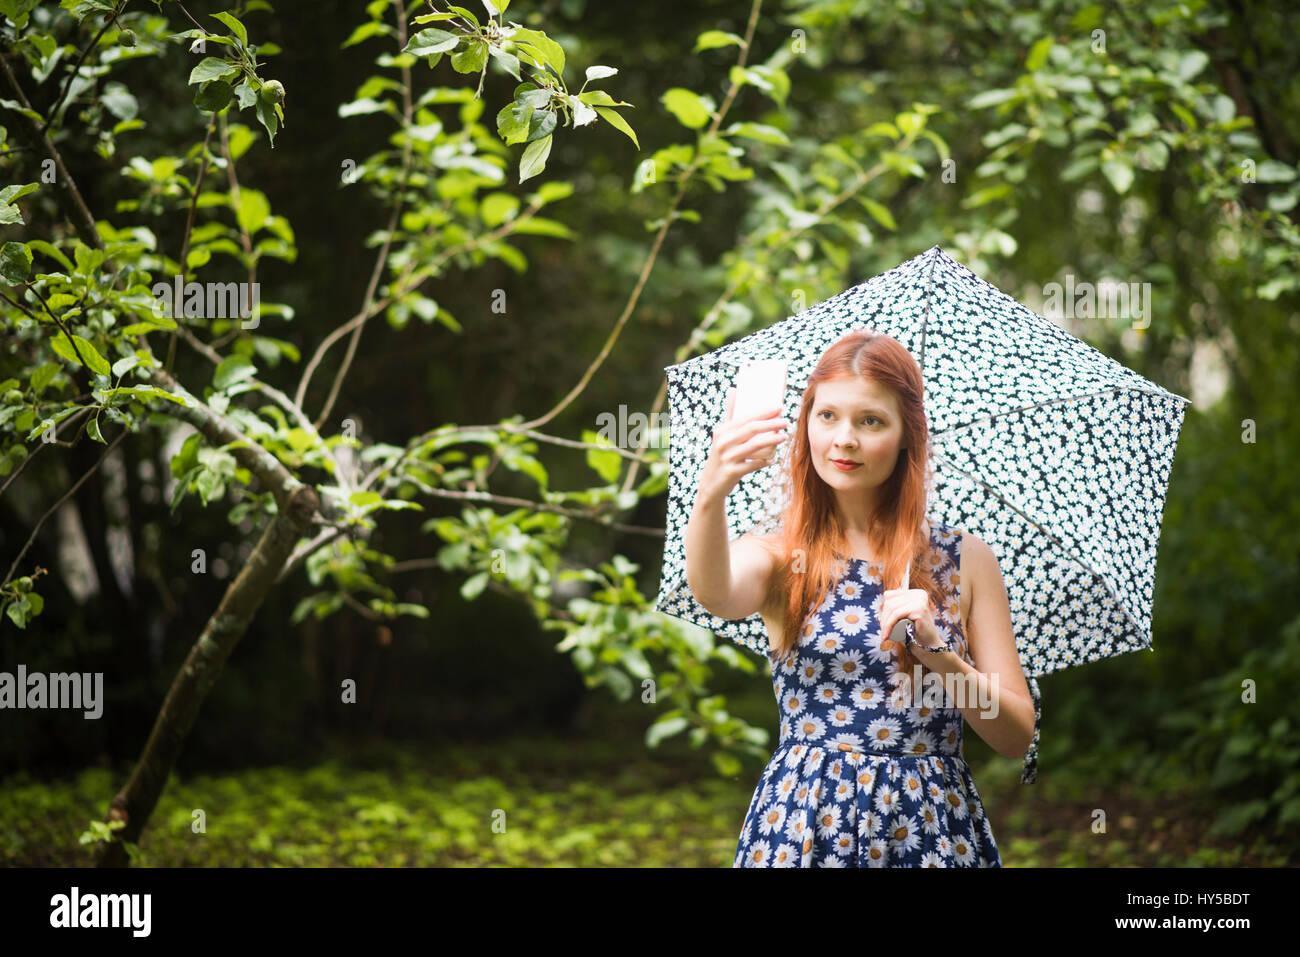 Finlandia, Pirkanmaa, tampere, donna che indossa abiti floreali in piedi con ombrello nel parco e tenendo selfie Immagini Stock